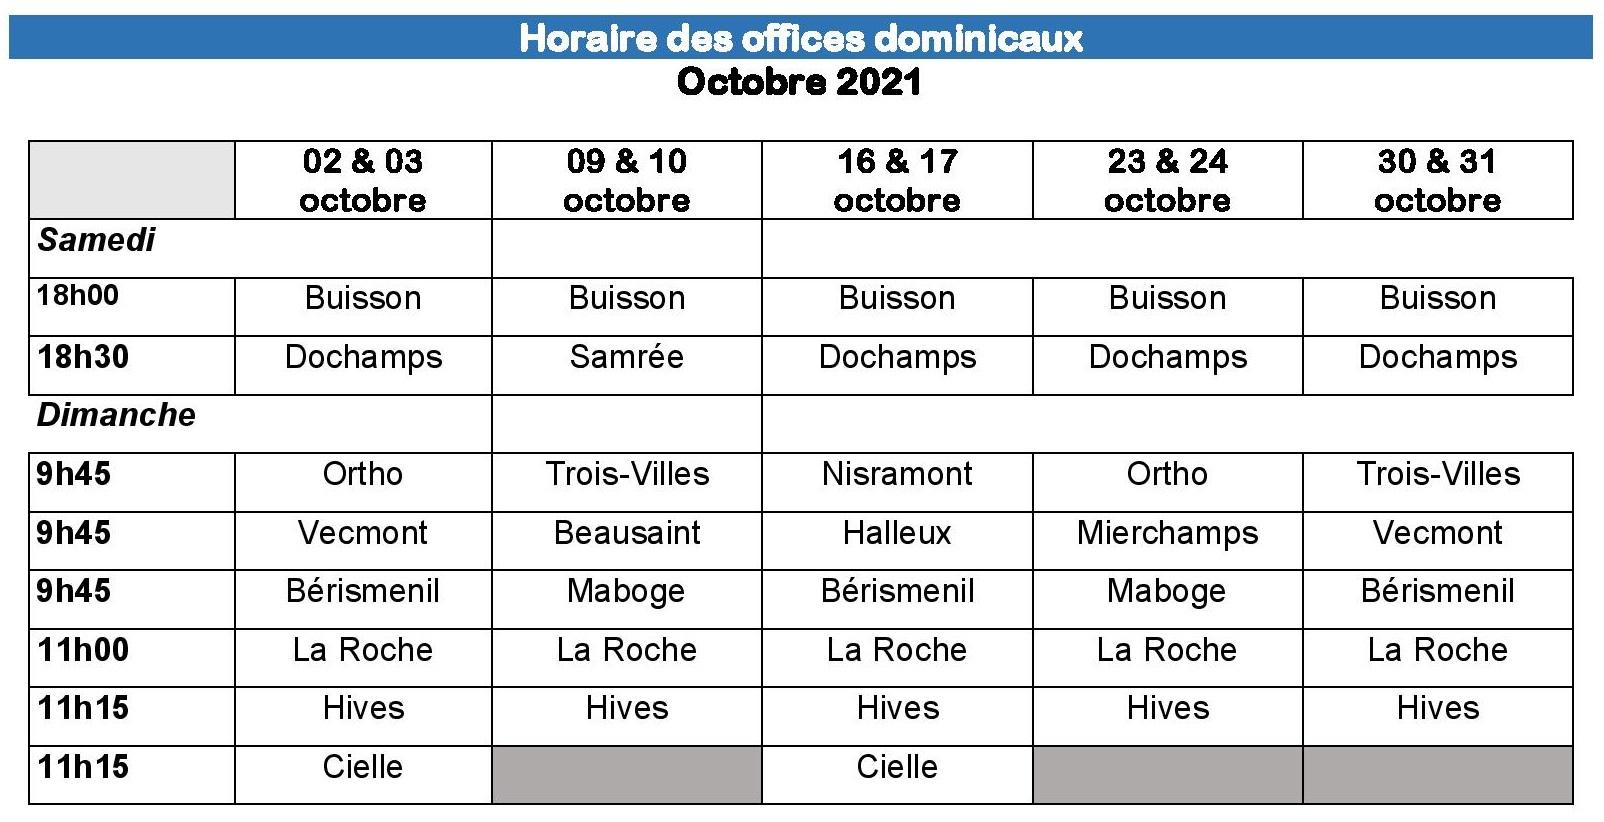 Horaire des offices dominicaux octobre 2021-page-001